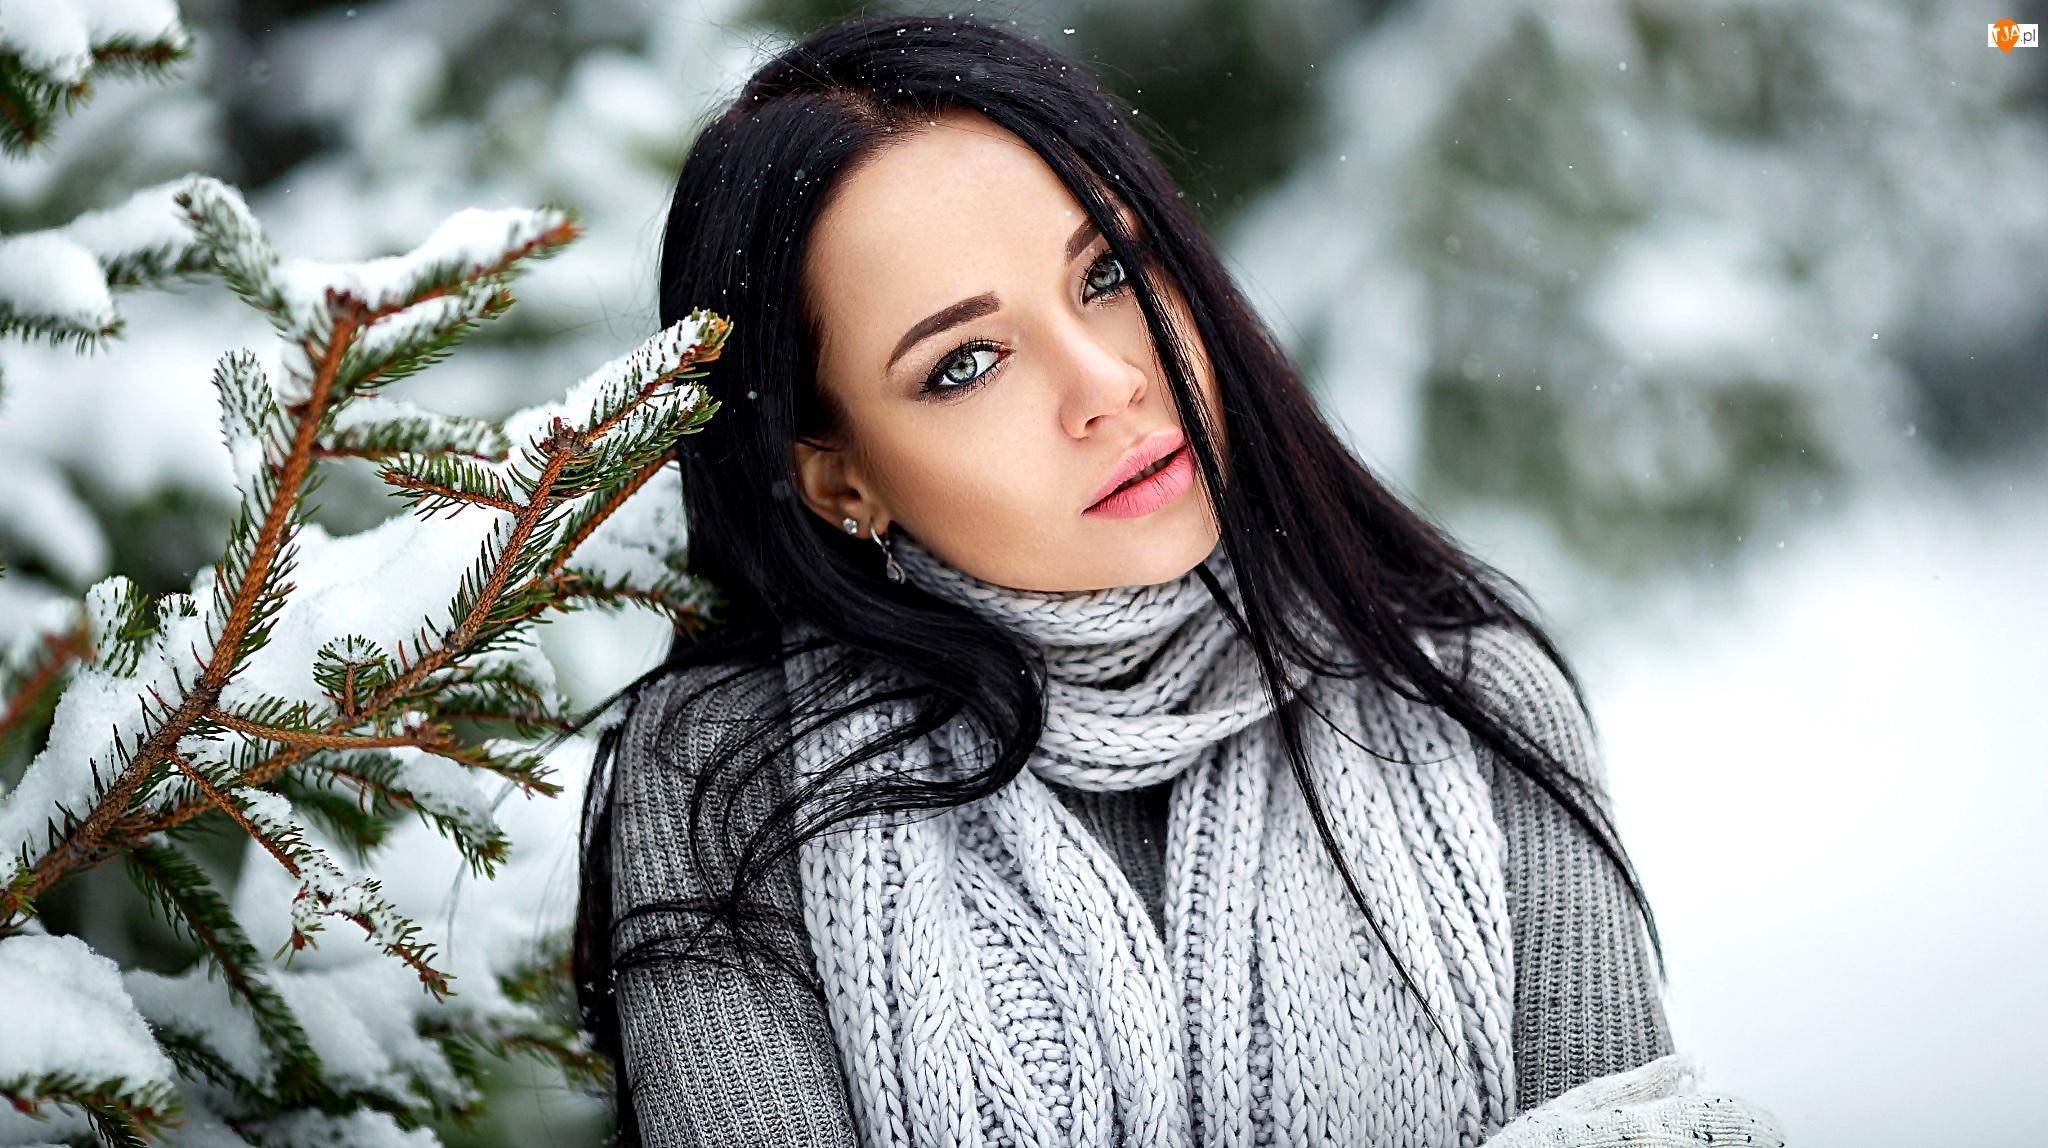 Modelka, Angelina Petrova, Świerk, Kobieta, Gałązka, Śnieg, Szal